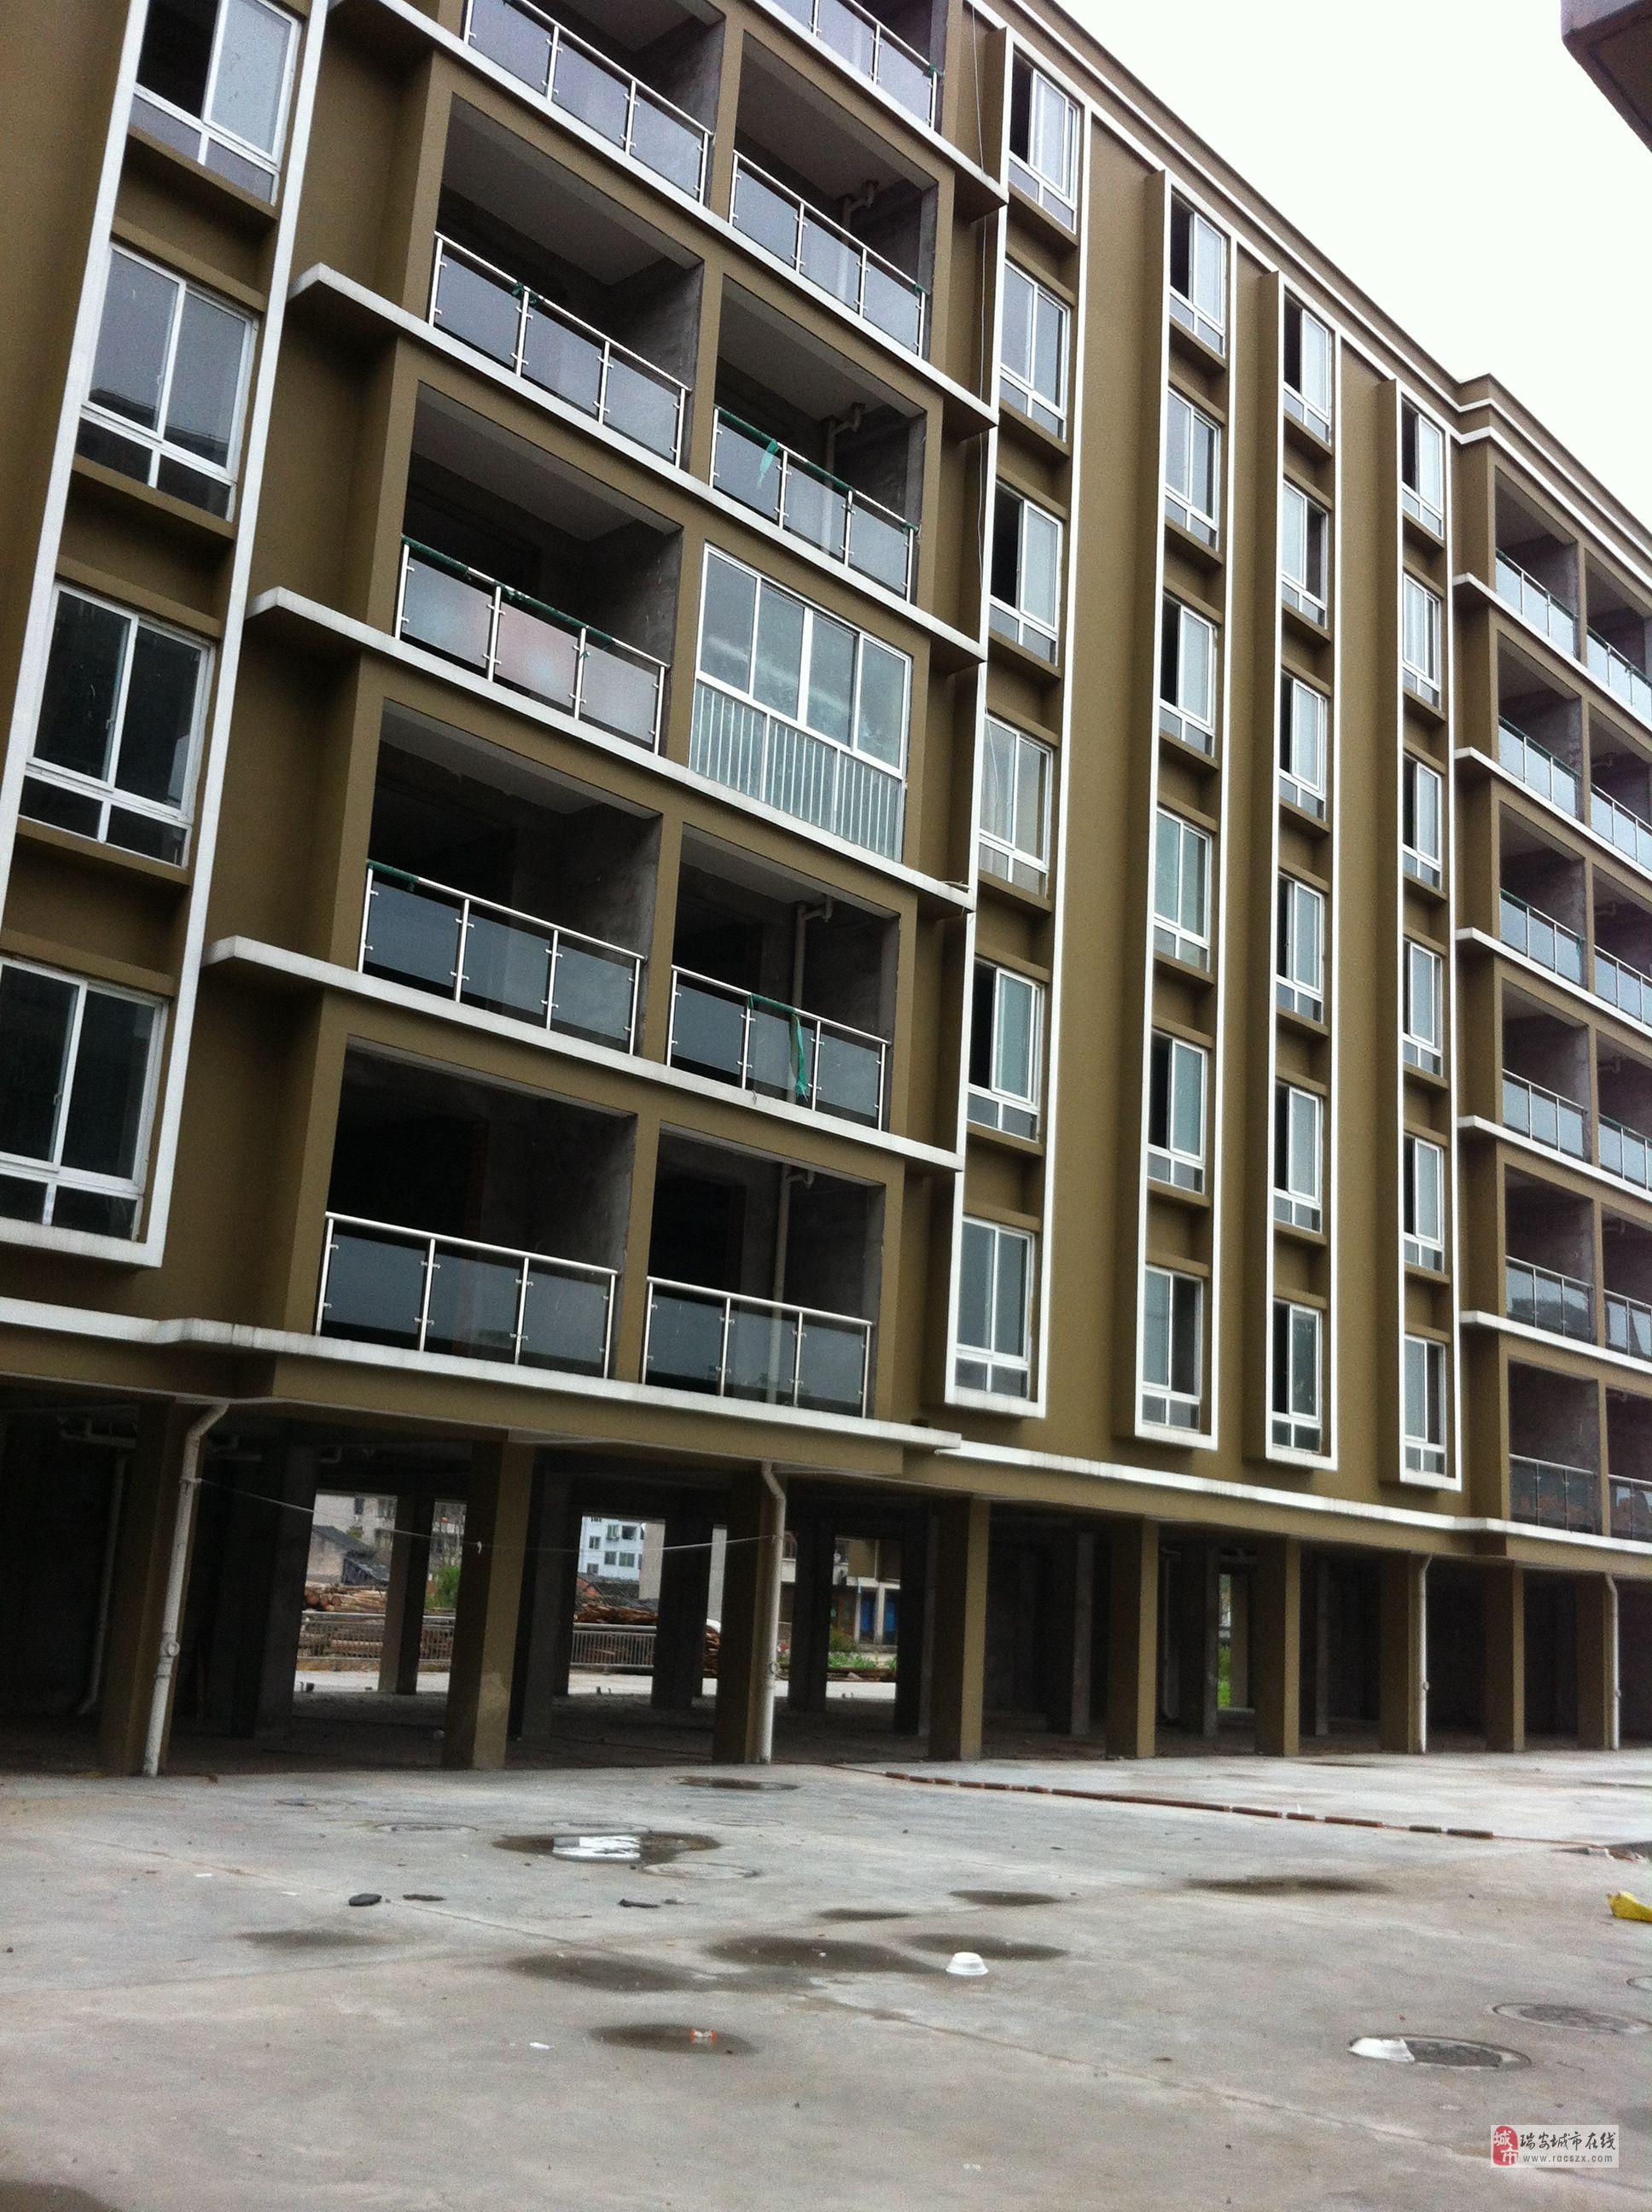 瑞安市马屿镇石头村木材厂正南方向房屋出售